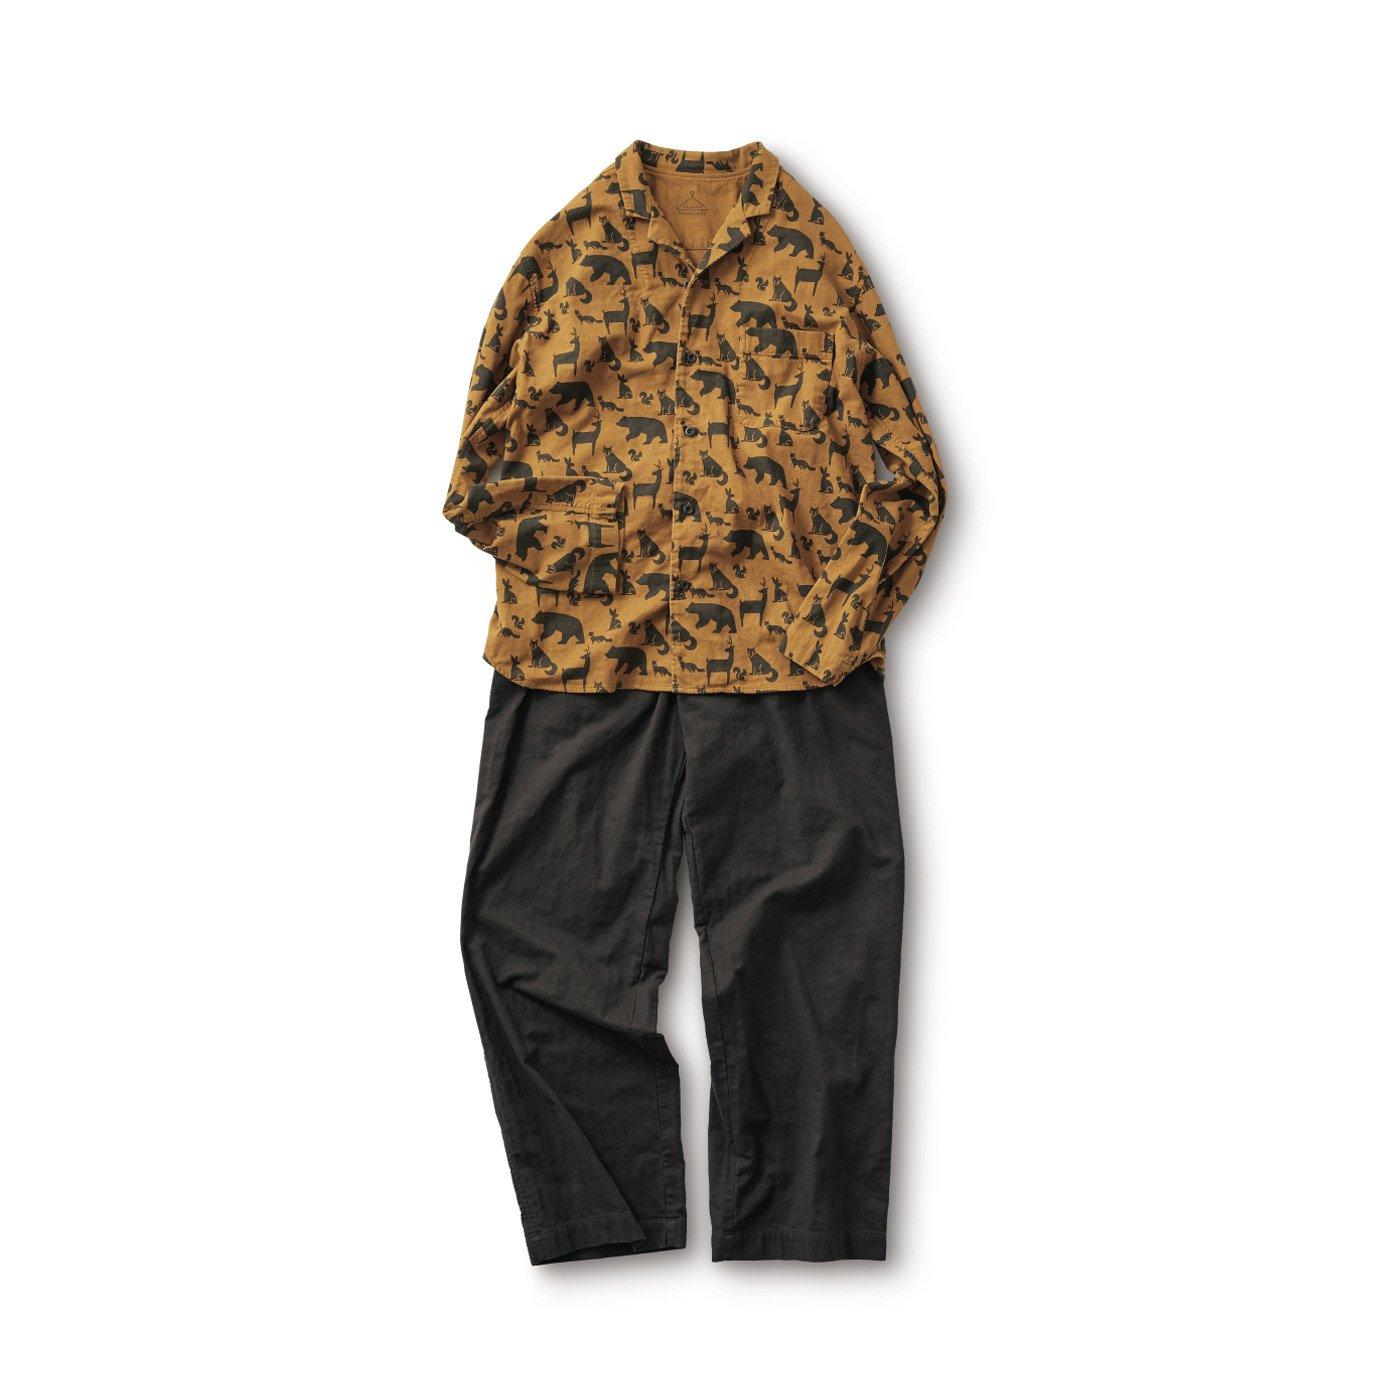 サニークラウズ どうぶつだらけパジャマ〈メンズ〉